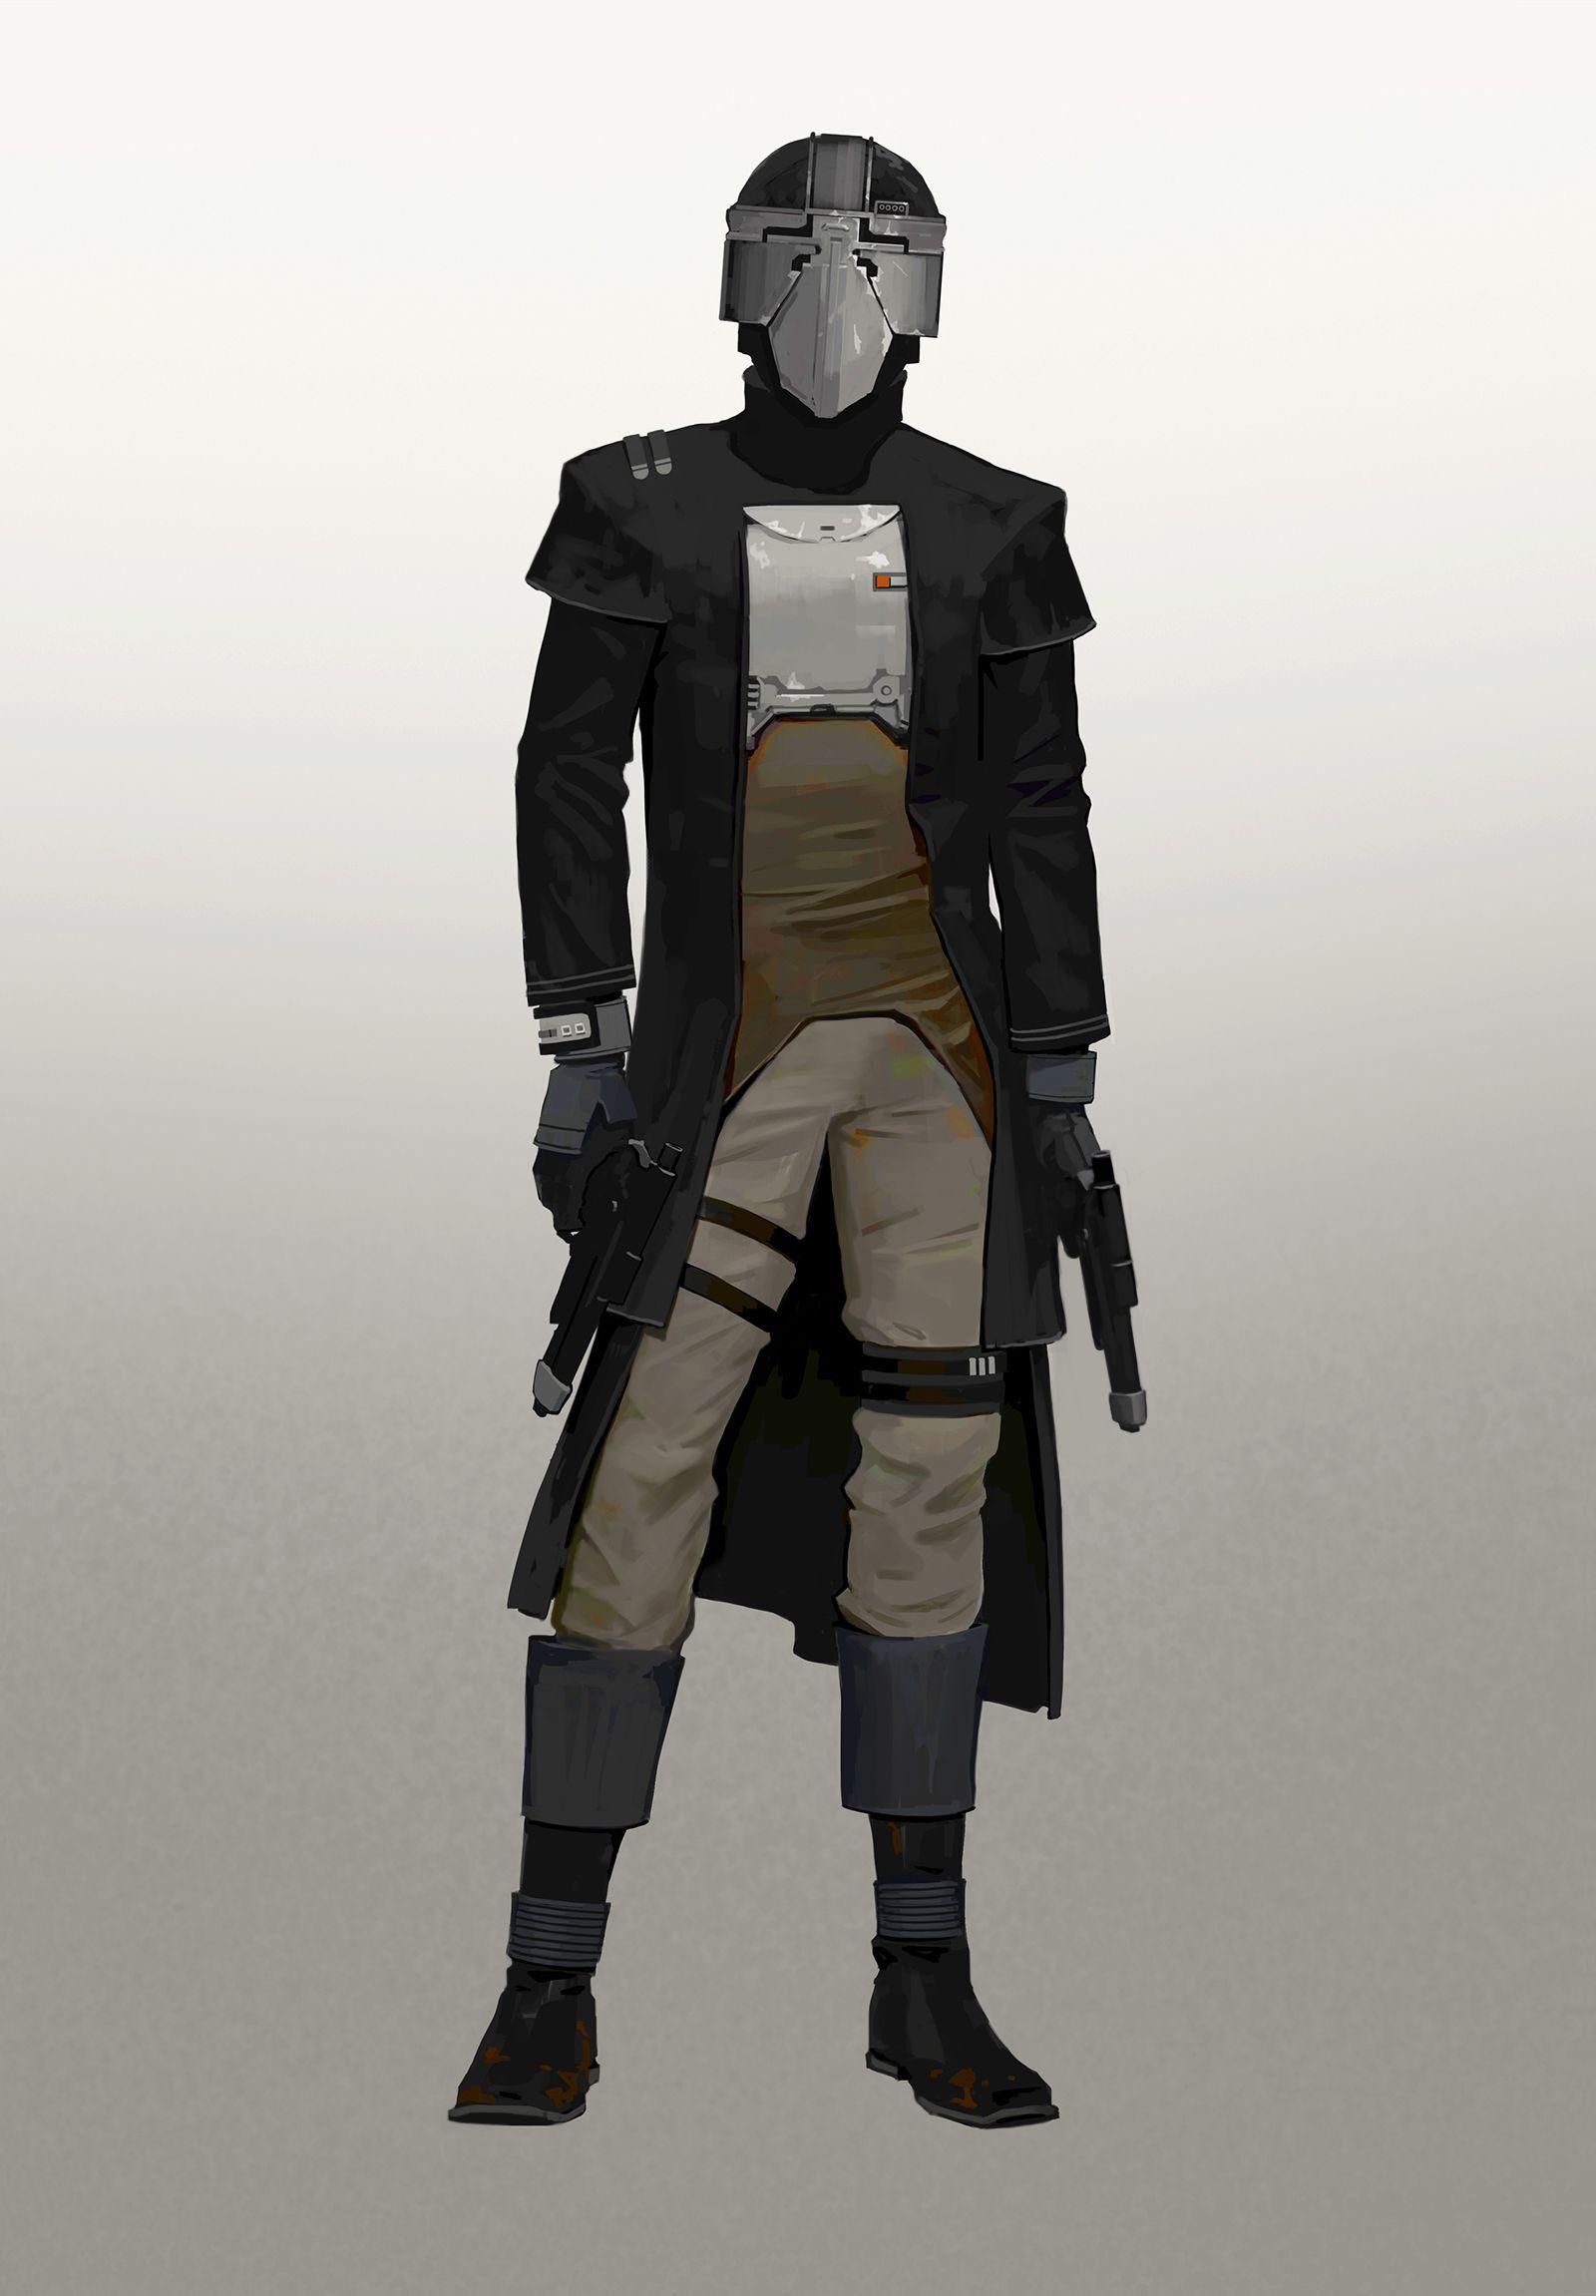 Star Wars - Smuggler #GameplayStars   Star wars outfits